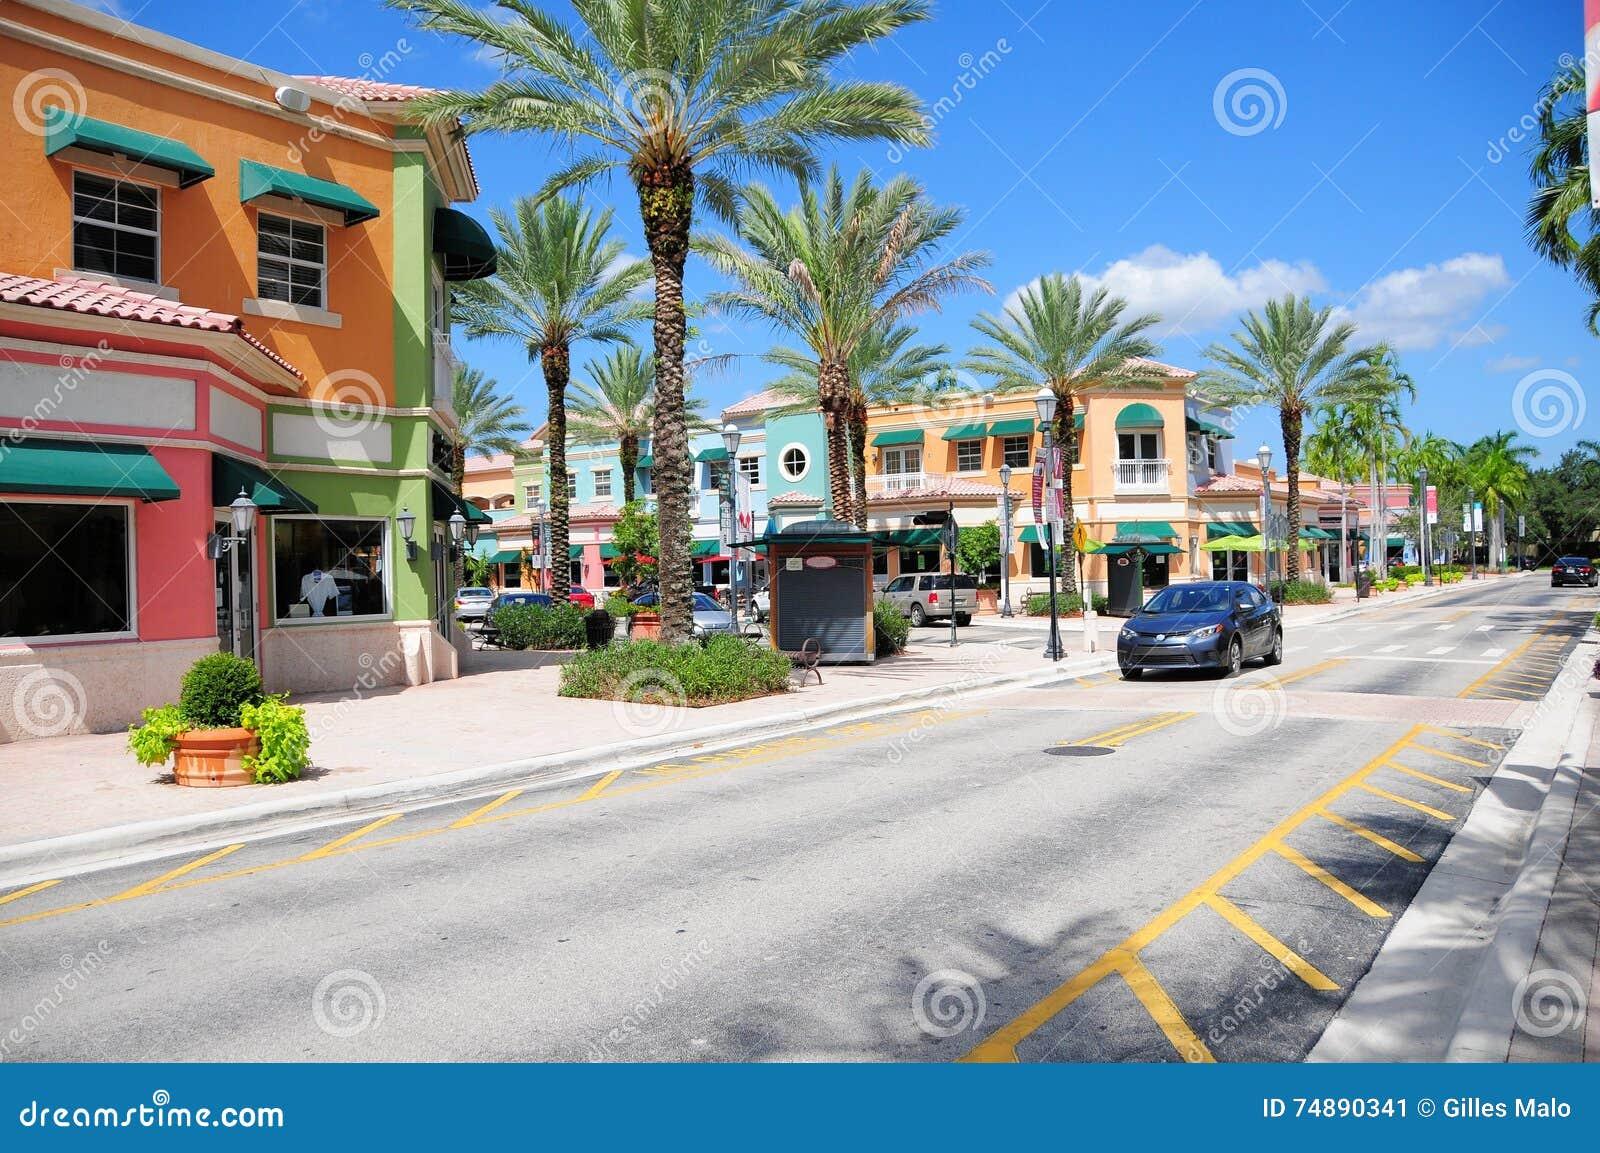 Rua sul de Florida com lojas